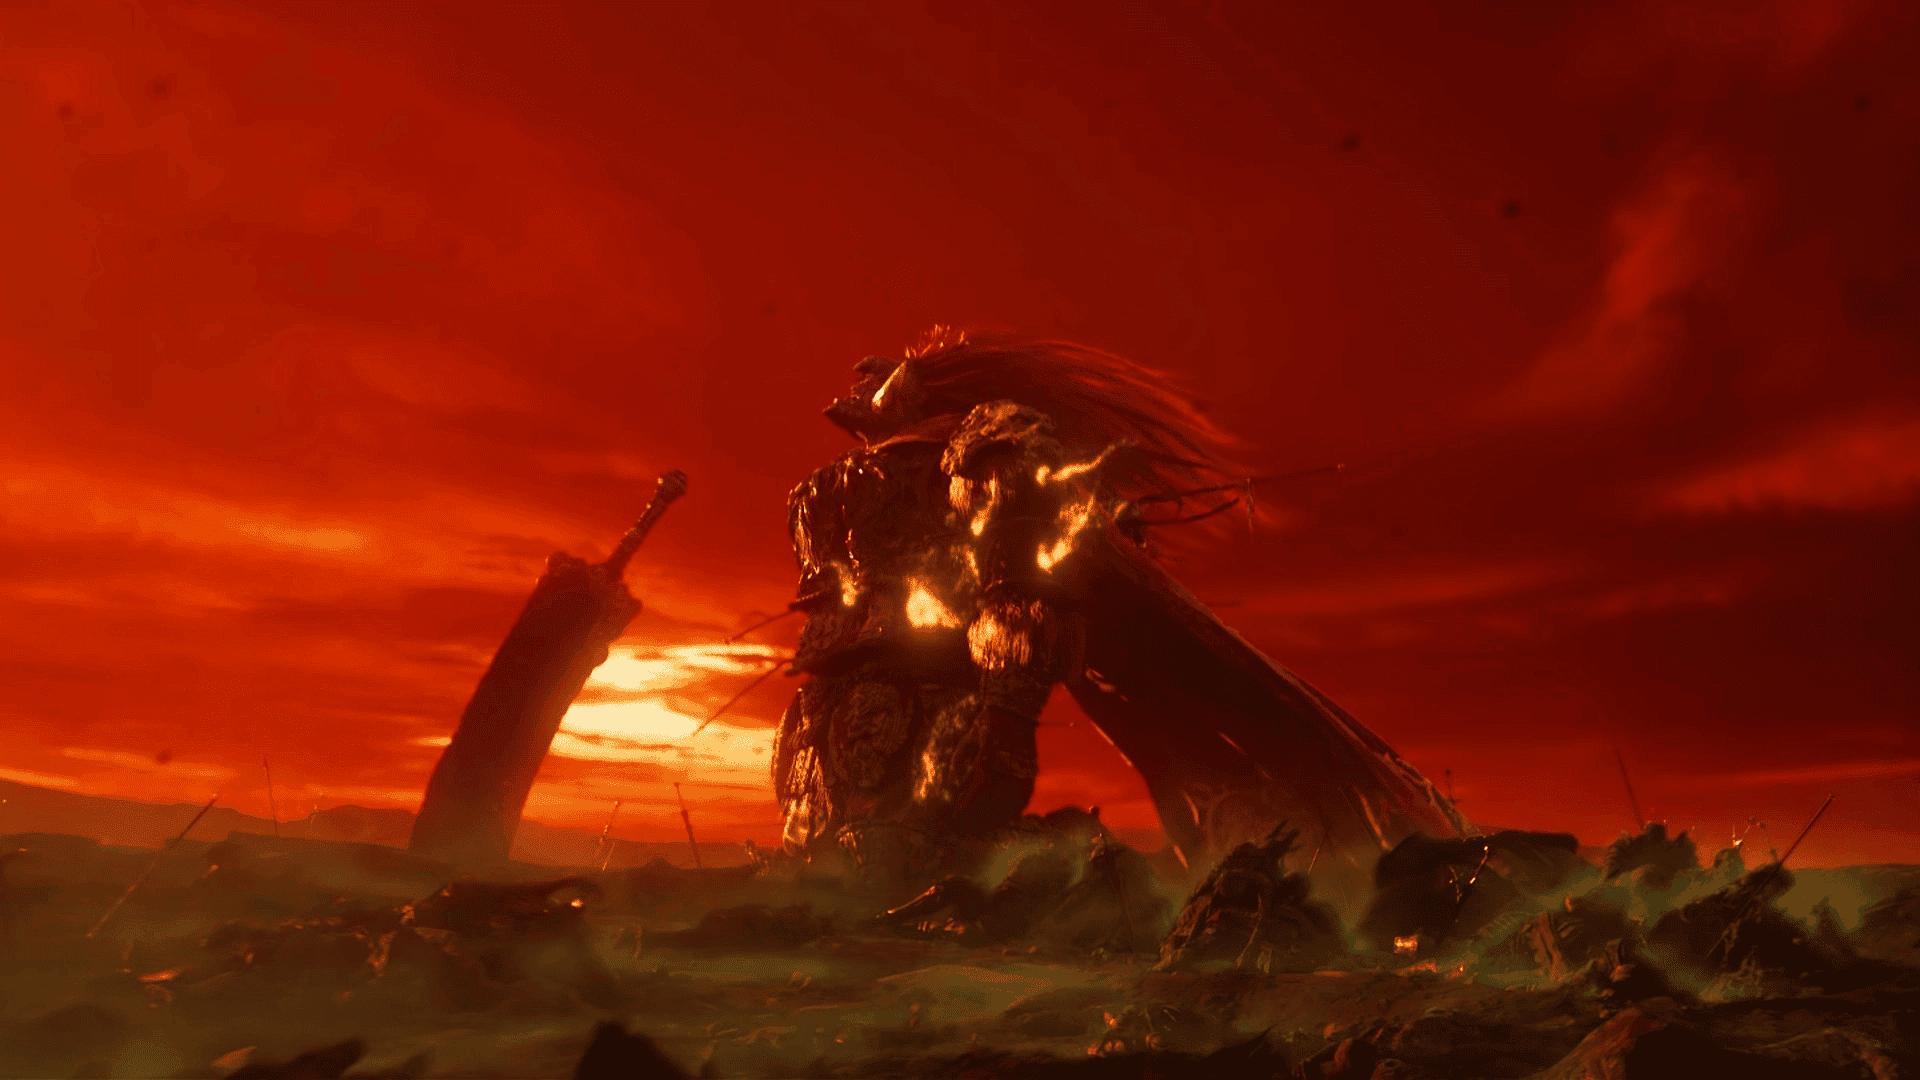 Imagen de La narrativa ambiental estará presente en Elden Ring según Hidetaka Miyazaki